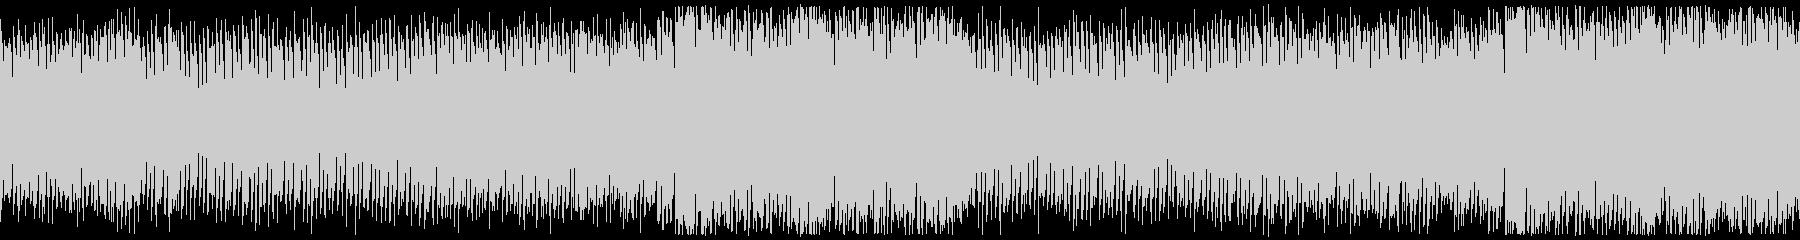 低音のビートが効いたテクノサウンドの未再生の波形